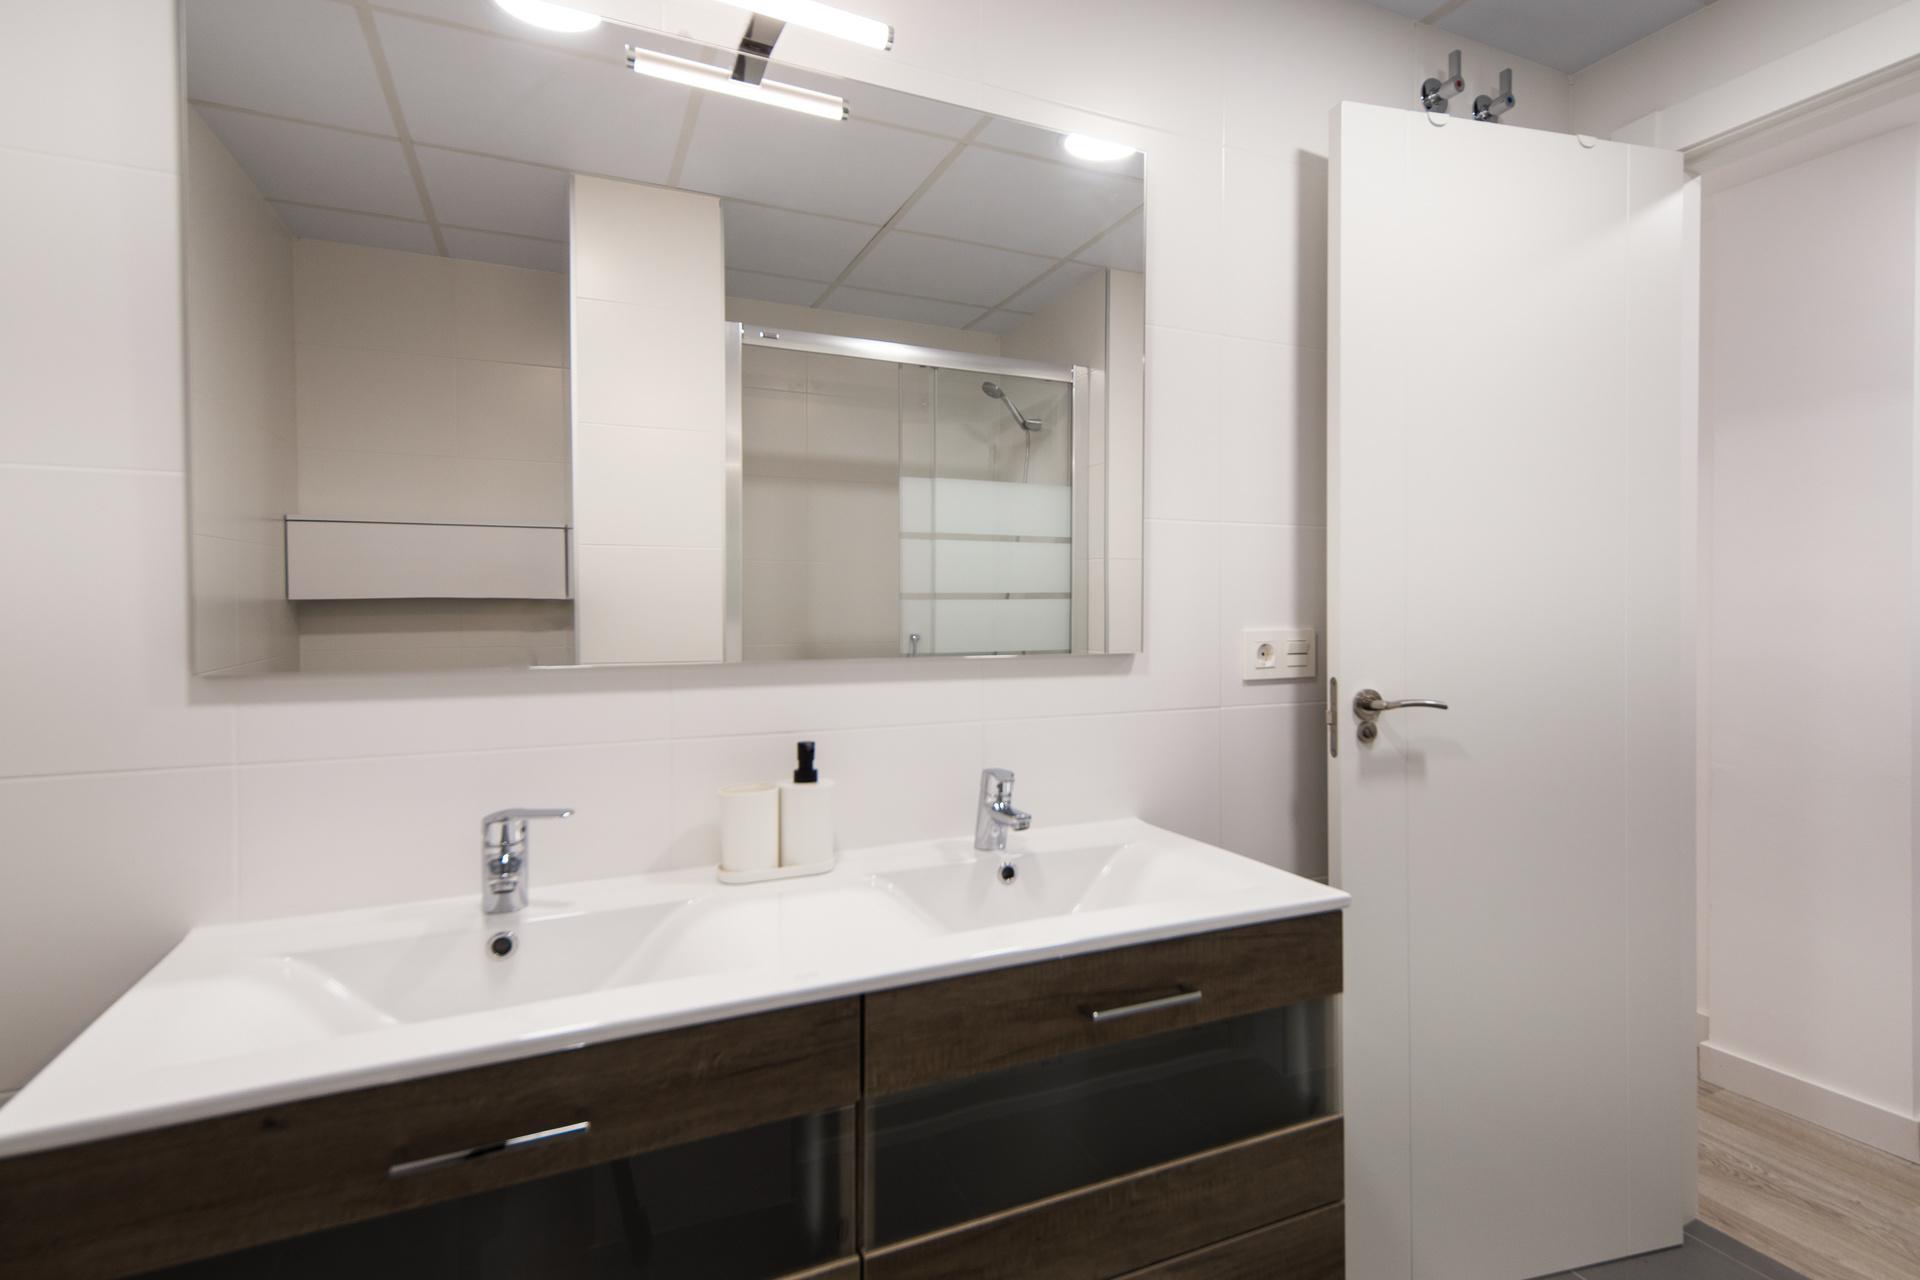 baño alquilar piso zaragoza poppy rooms